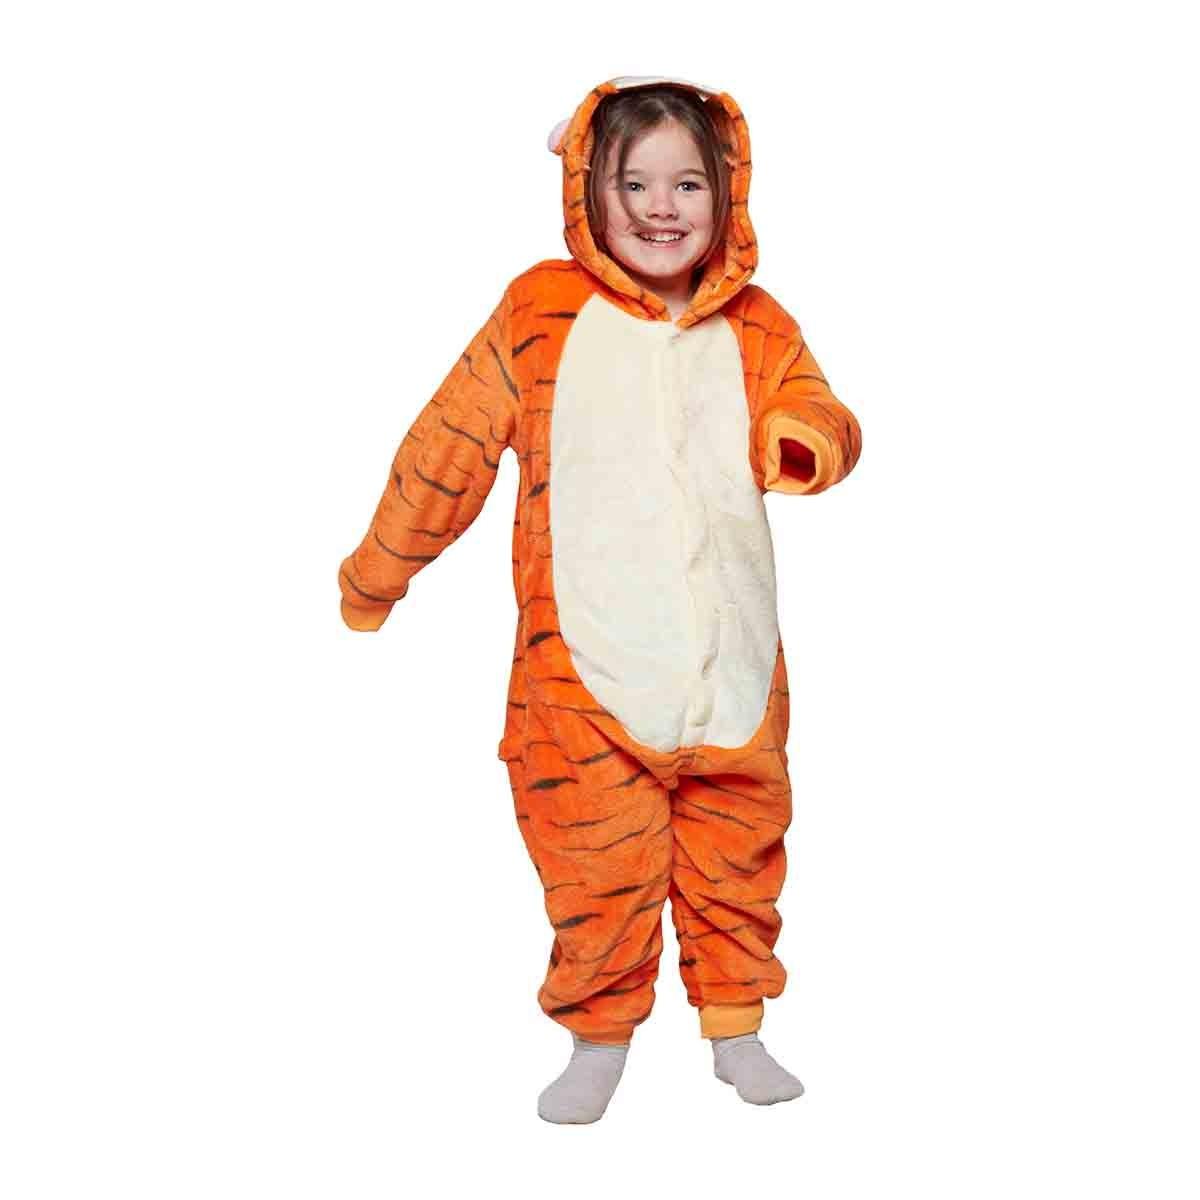 d42883fbda6 Kinder tijger kopen? Unieke onesie met tekst: Kattekop